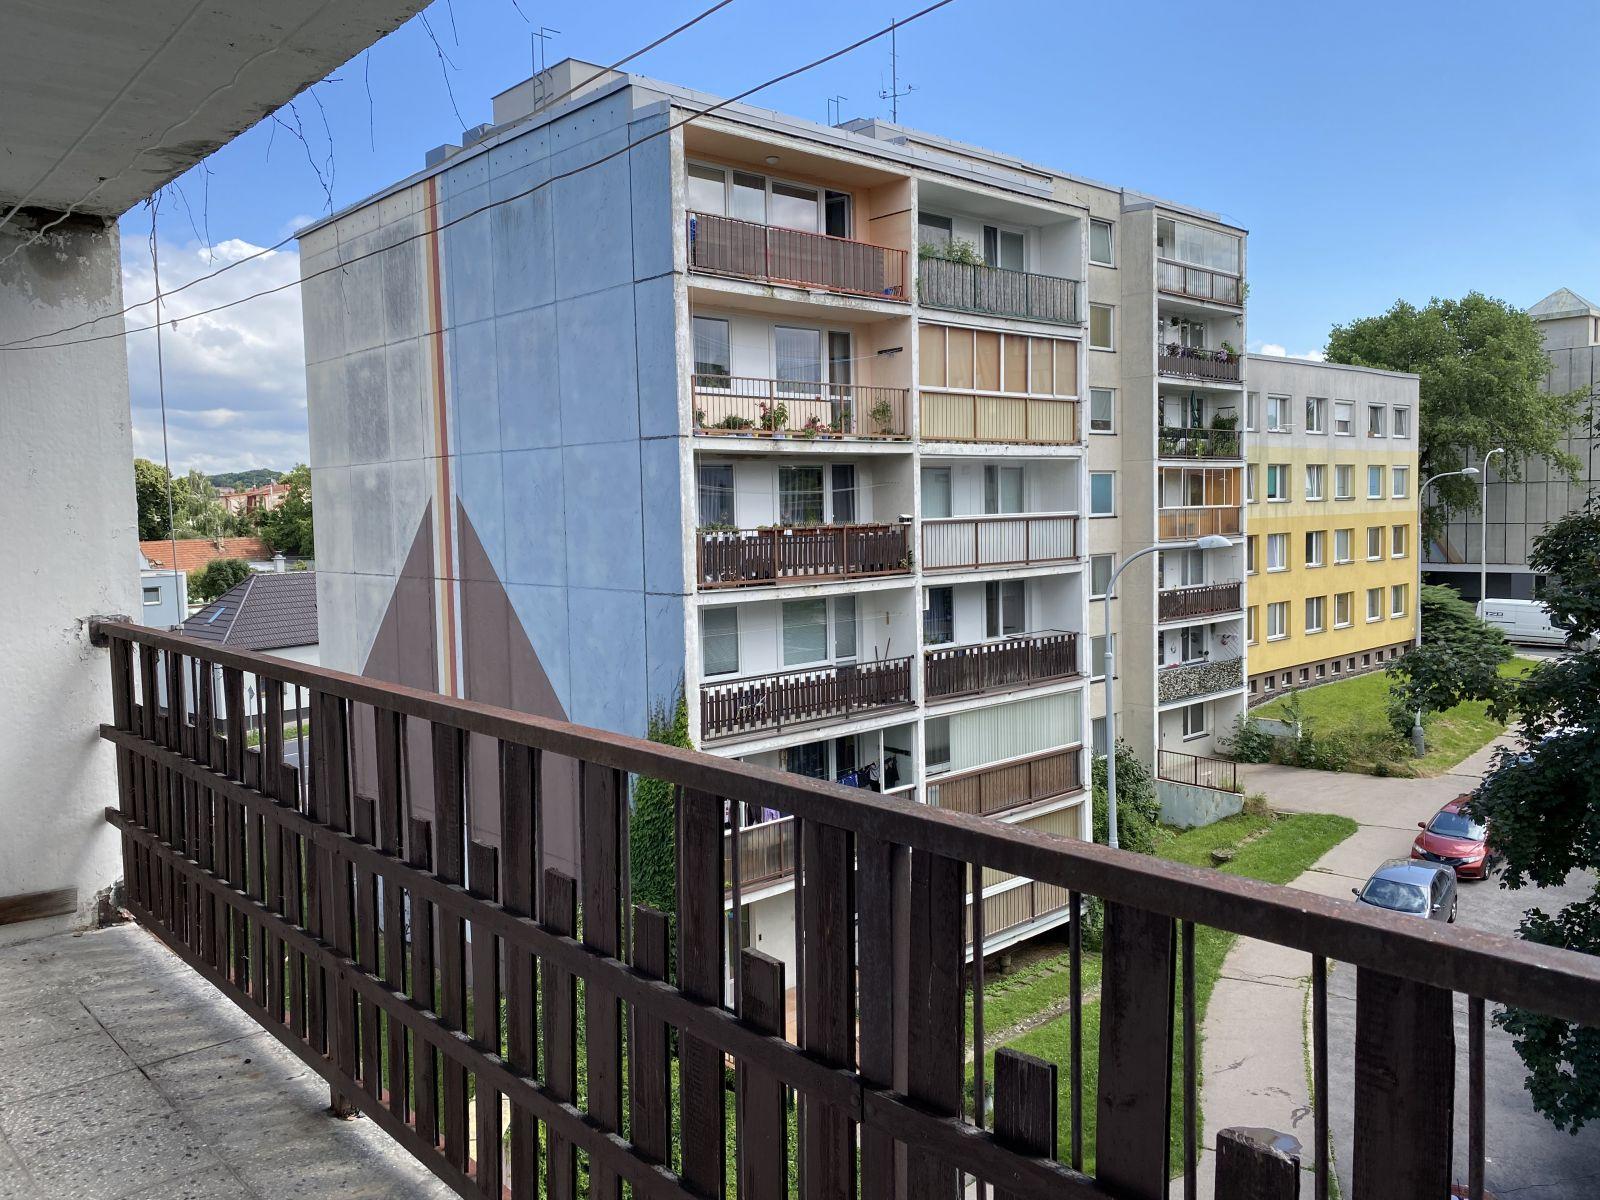 Družstevní byt 3+1, 84,6 m2 s lodžií, Praha 8, Čimice, Vánková ul.